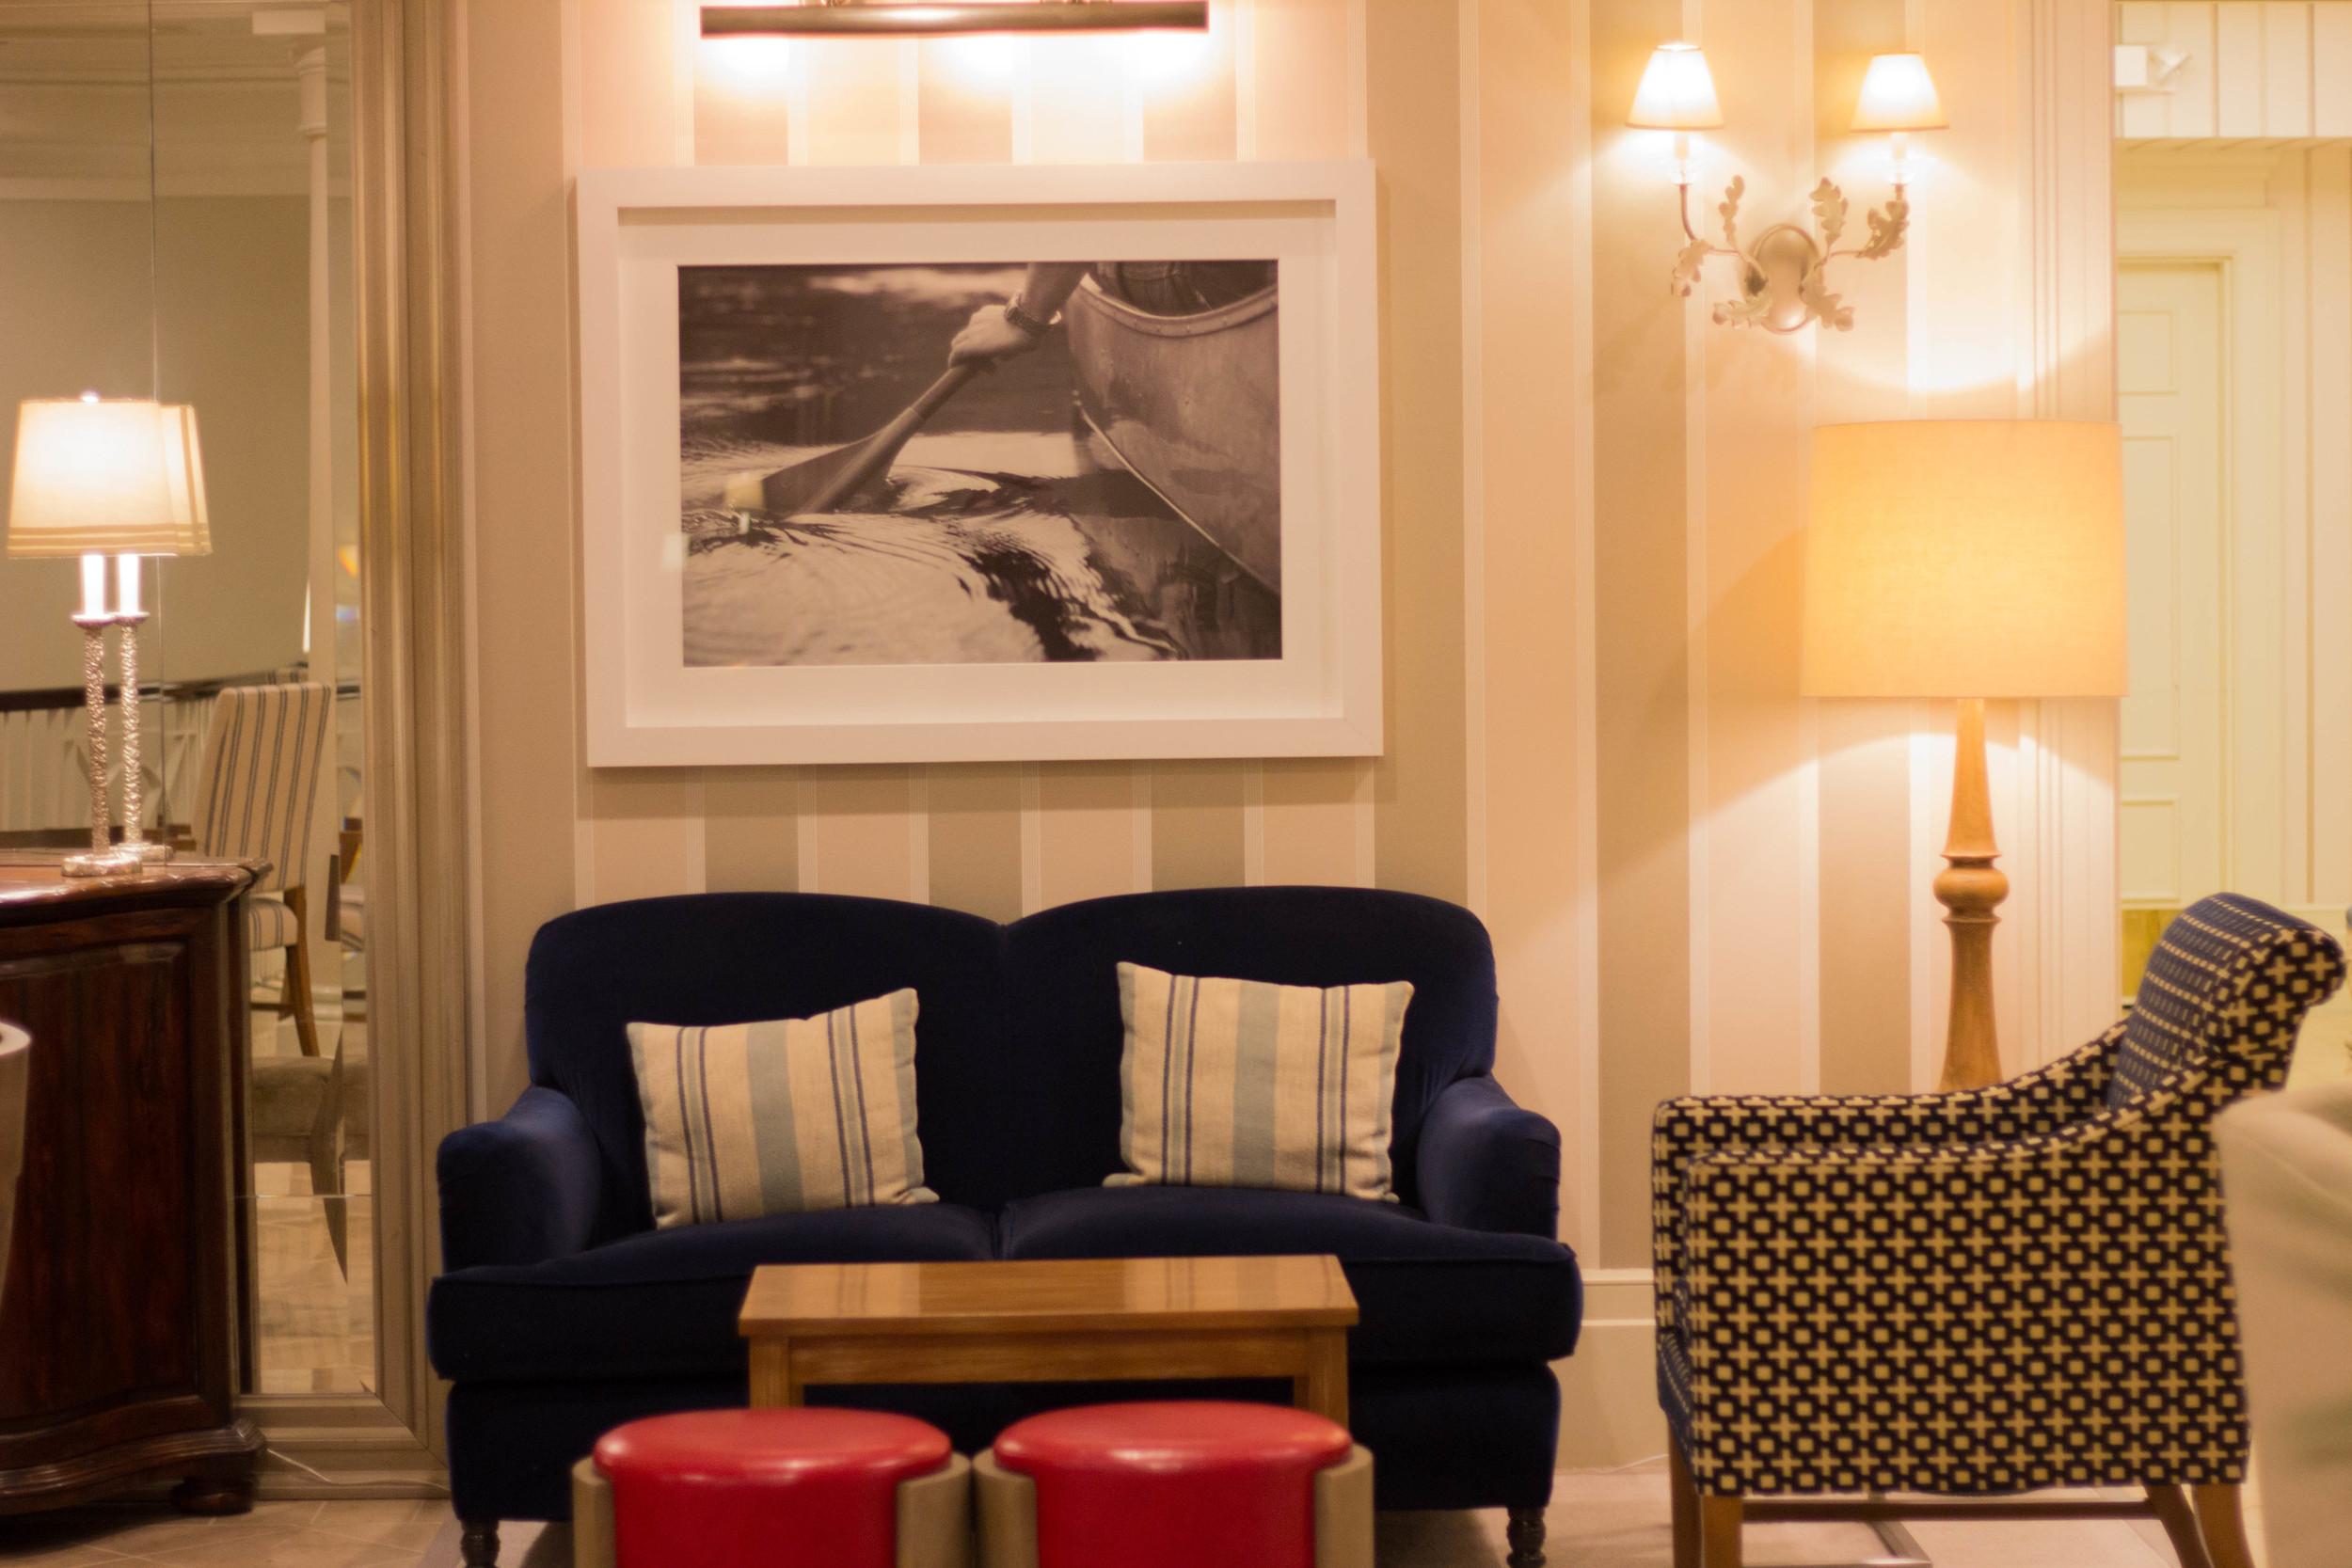 the woodmark hotel, seattle, washington, lake washington, destination hotels, the cutest hotel on lake washington